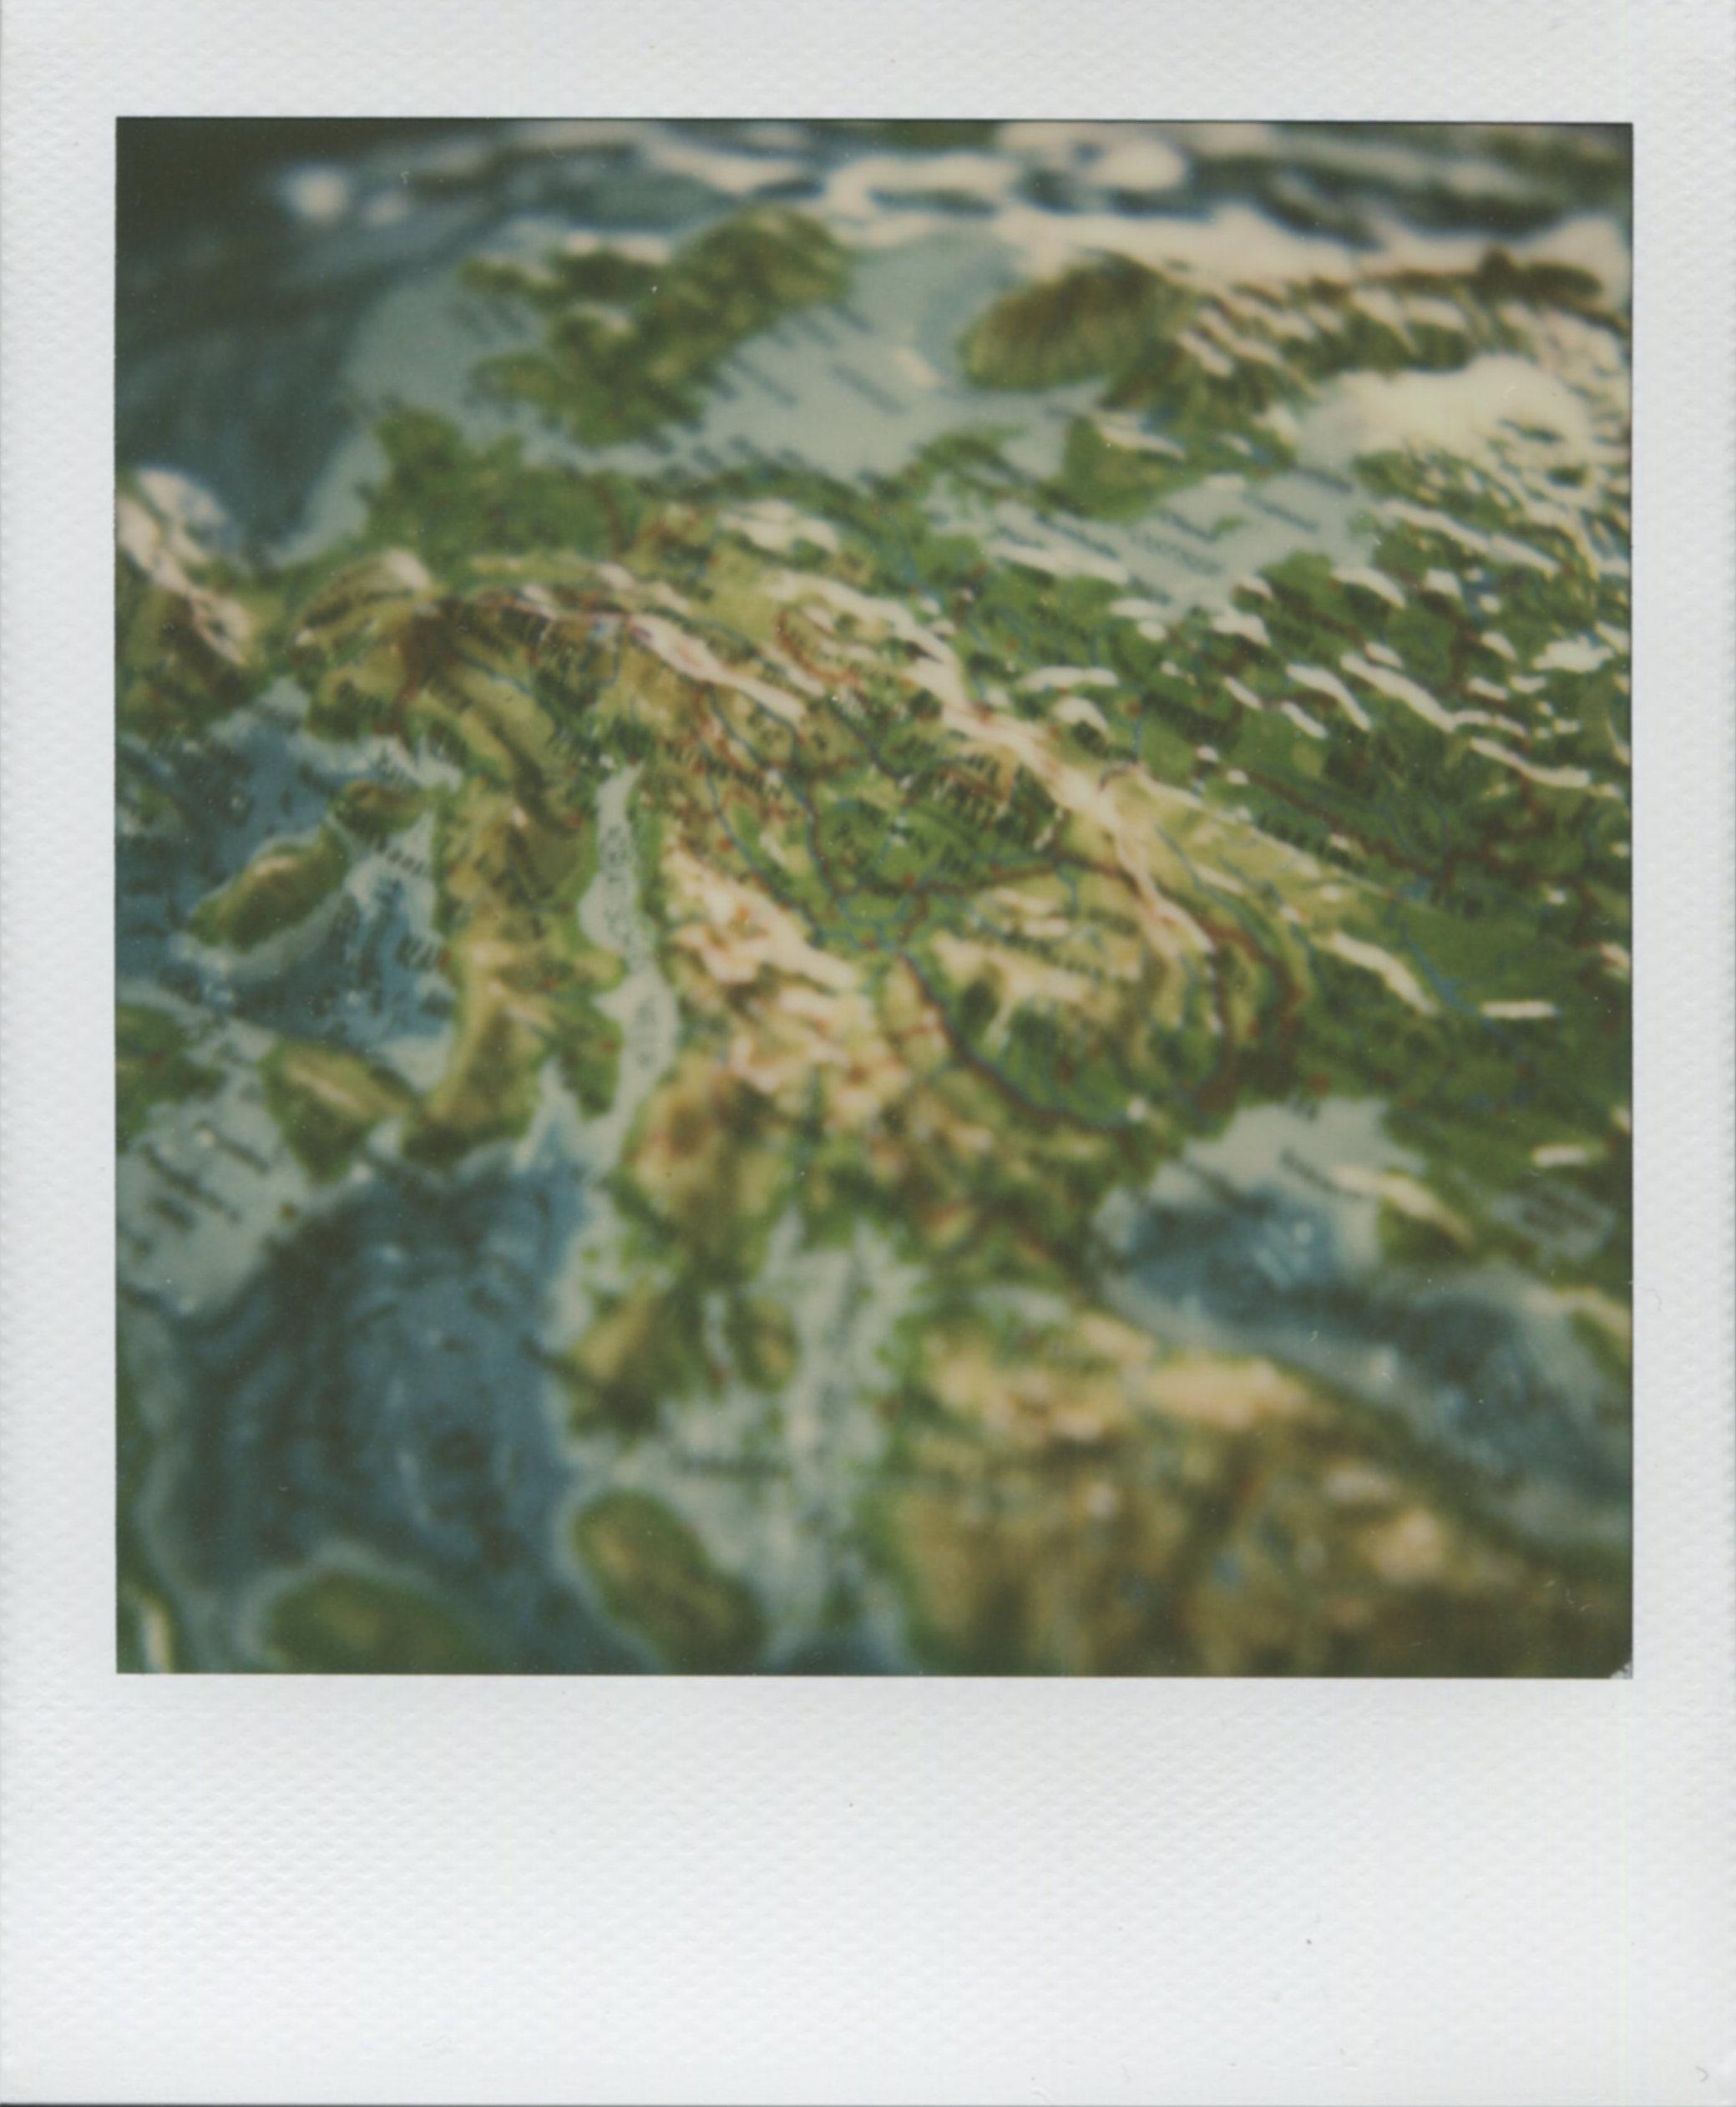 014_4.jpg